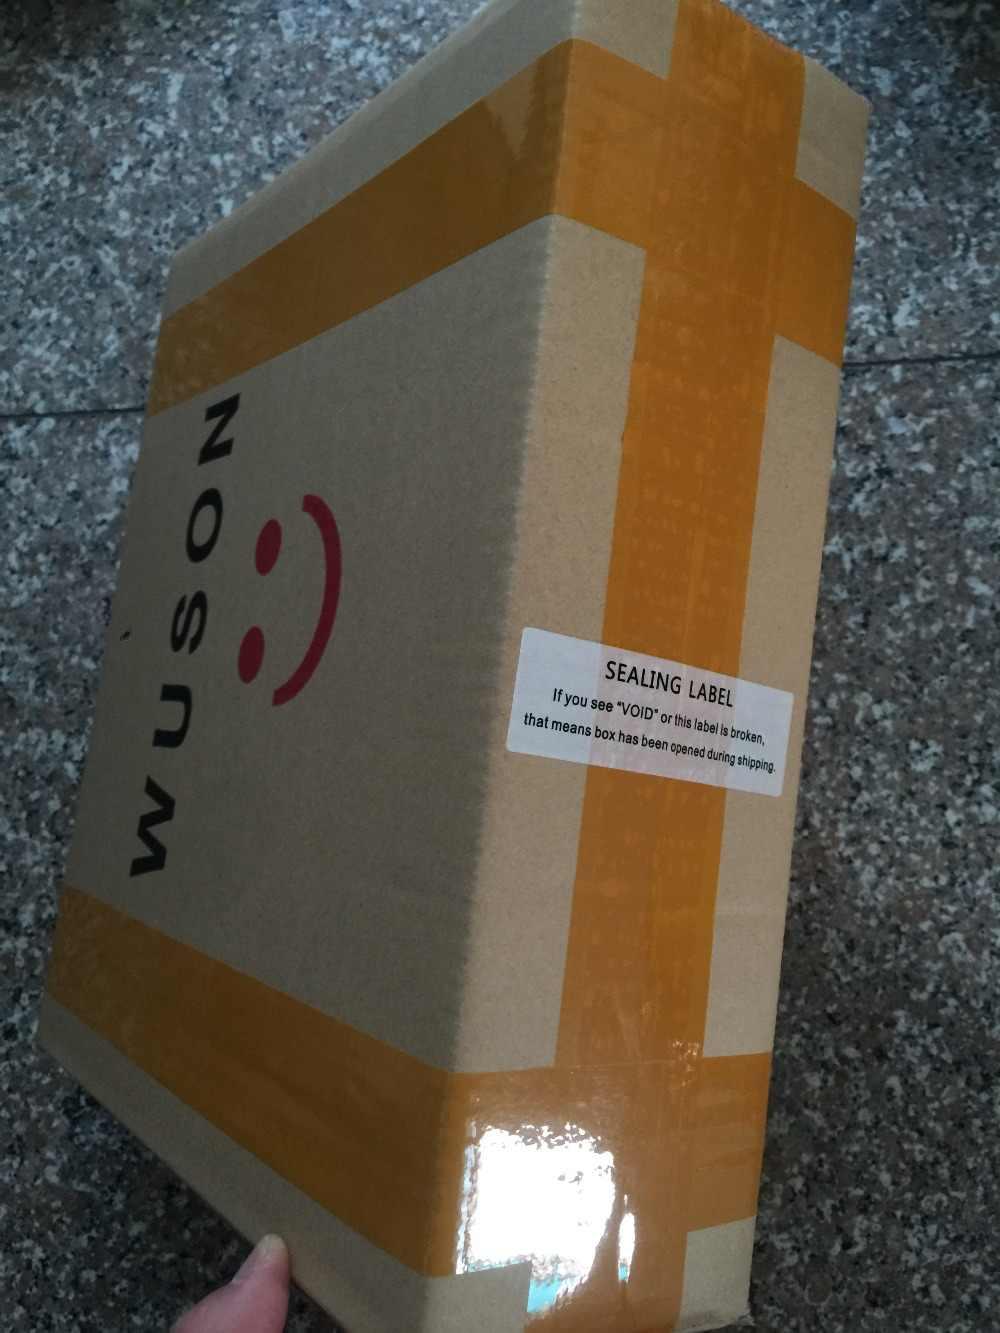 جديد وصول العلامة التجارية جديد هوانان تشى ديلوكس X79 LGA2011 اللوحة إنتل زيون E5 2680 C2 2.7GHz RAM 32G (2*16G) DDR3 1600MHz REG ECC